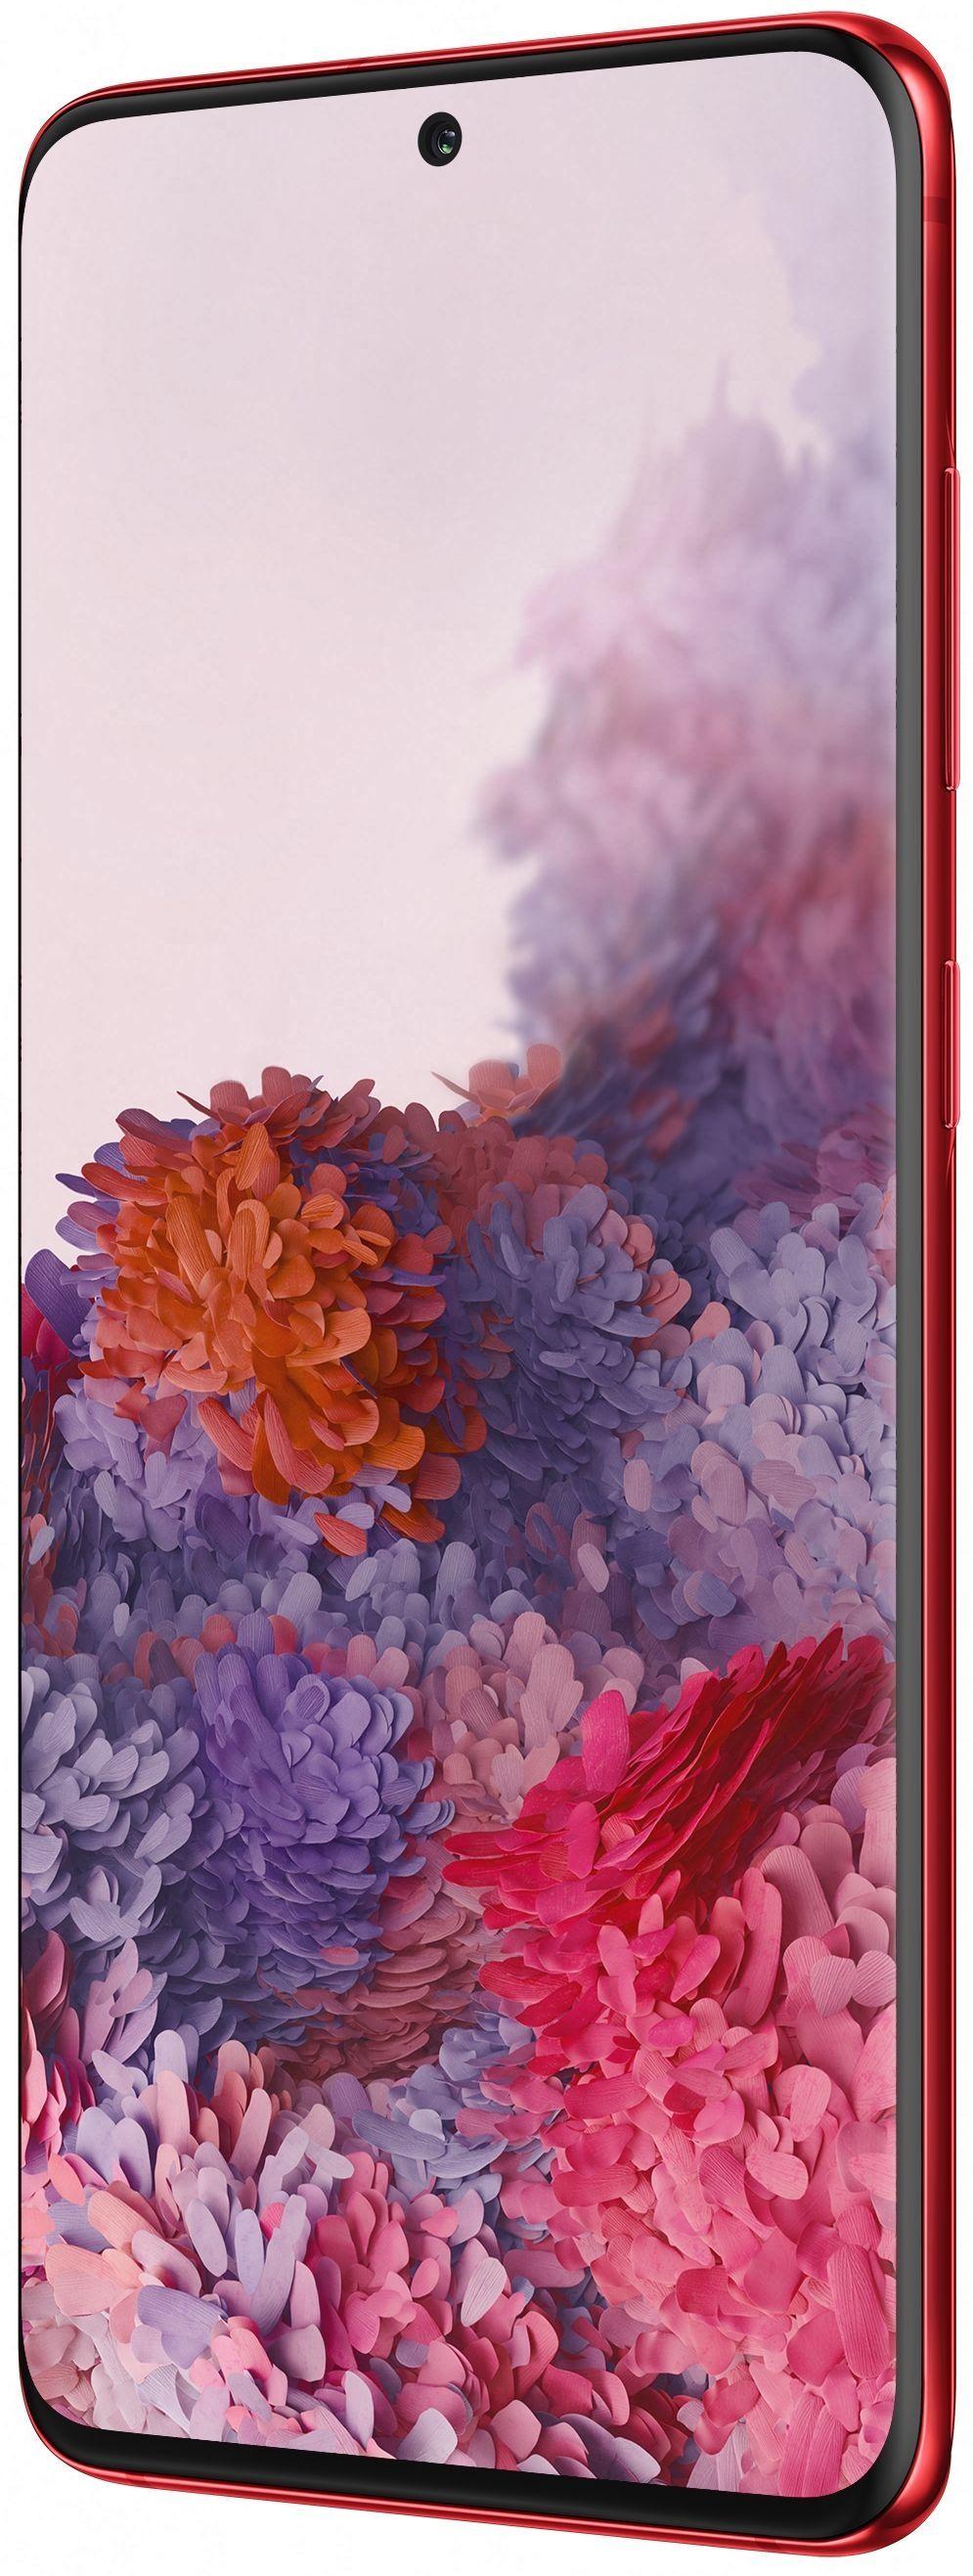 Смартфон Samsung Galaxy S20 (SM-G980FZRDSEK) Red от Територія твоєї техніки - 2